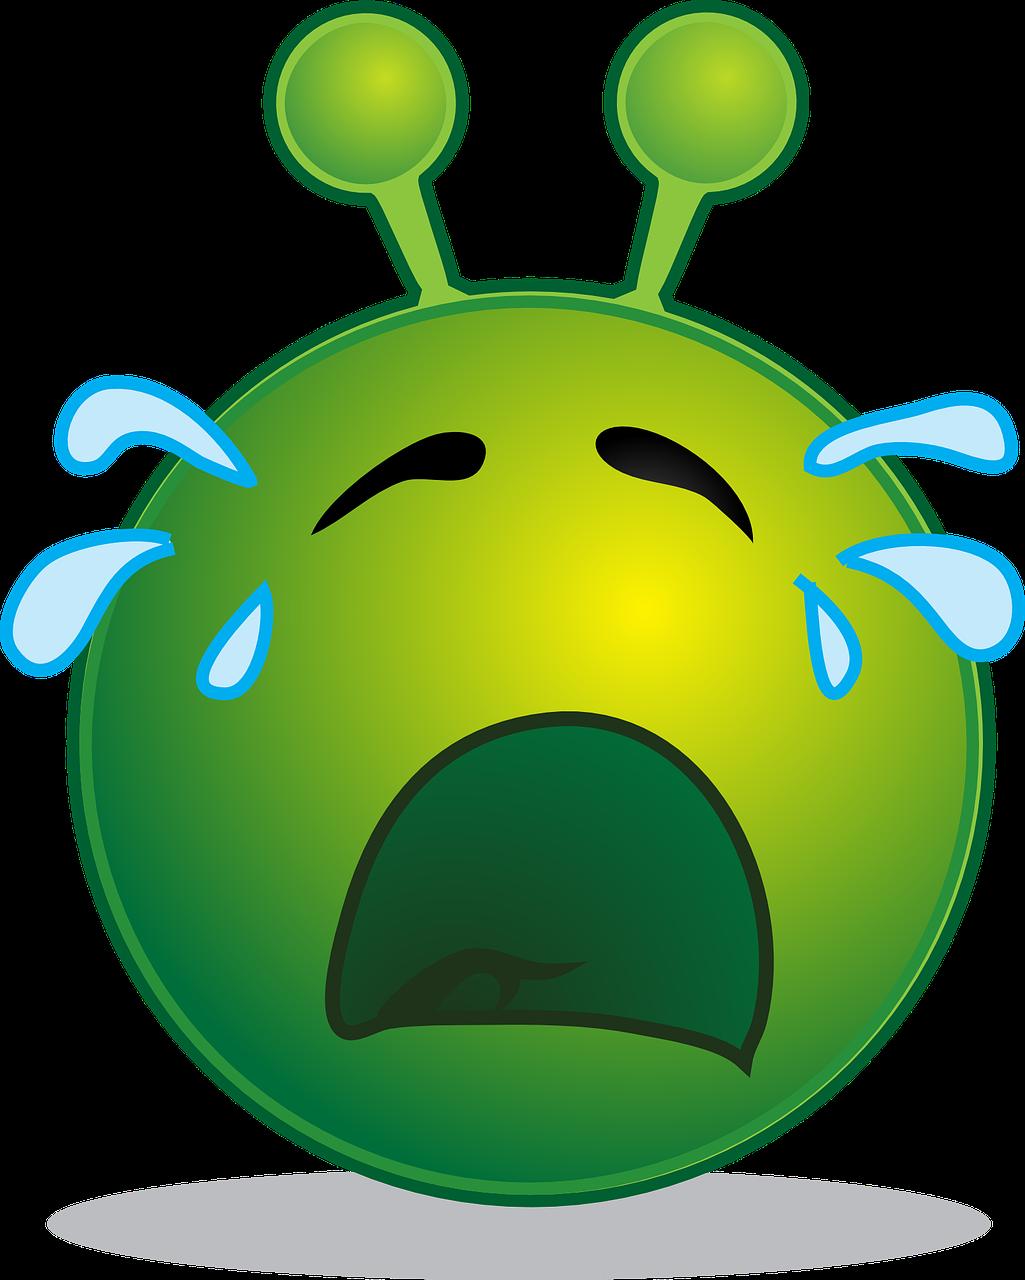 Free image on pixabay. Sick clipart emotion